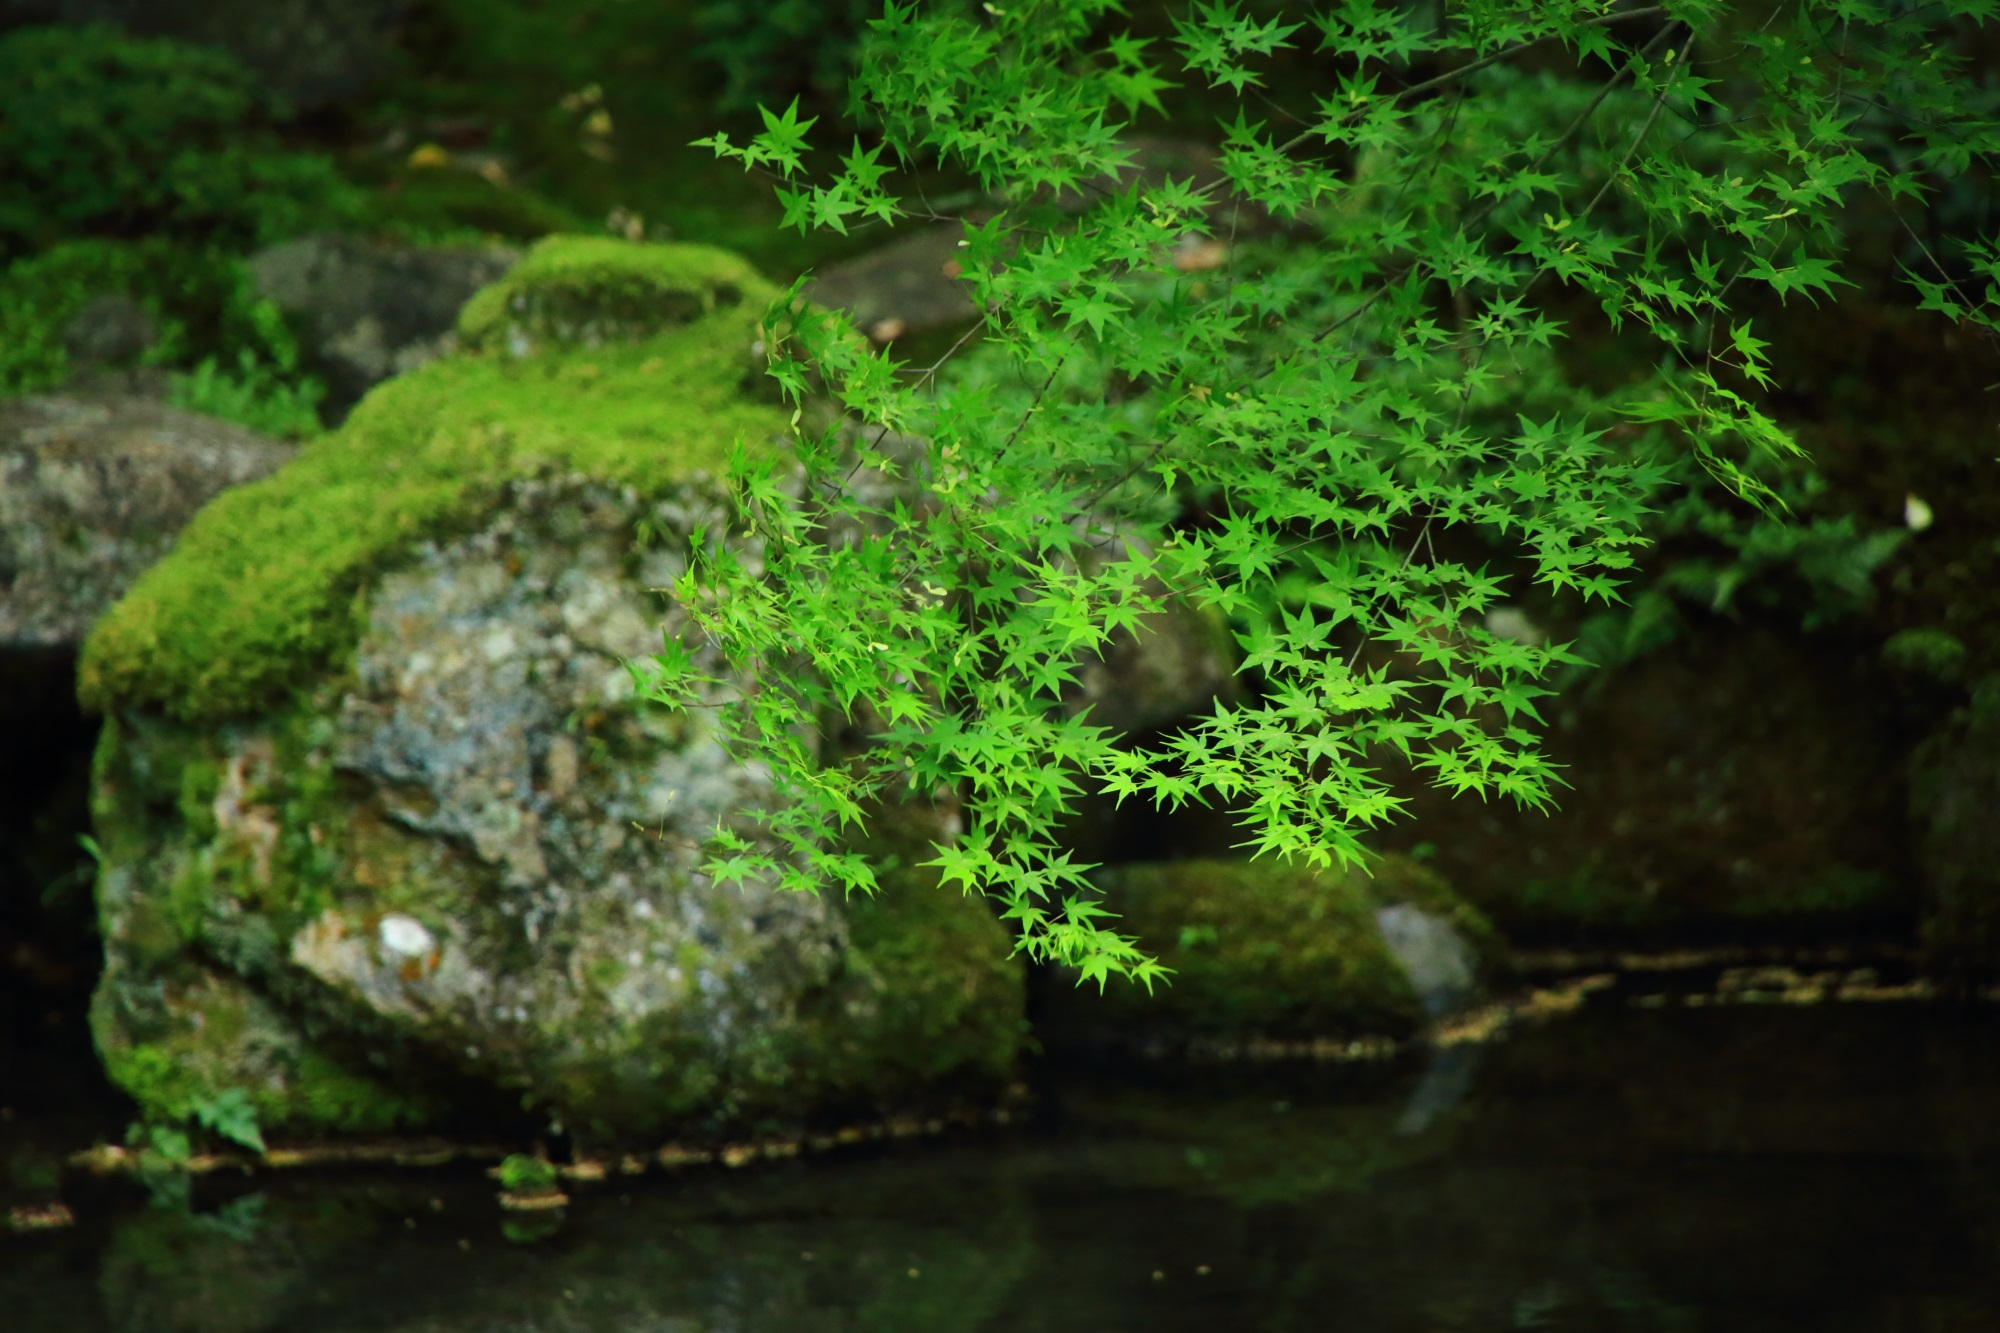 蓮華寺の庭園の鮮やかな新緑と池